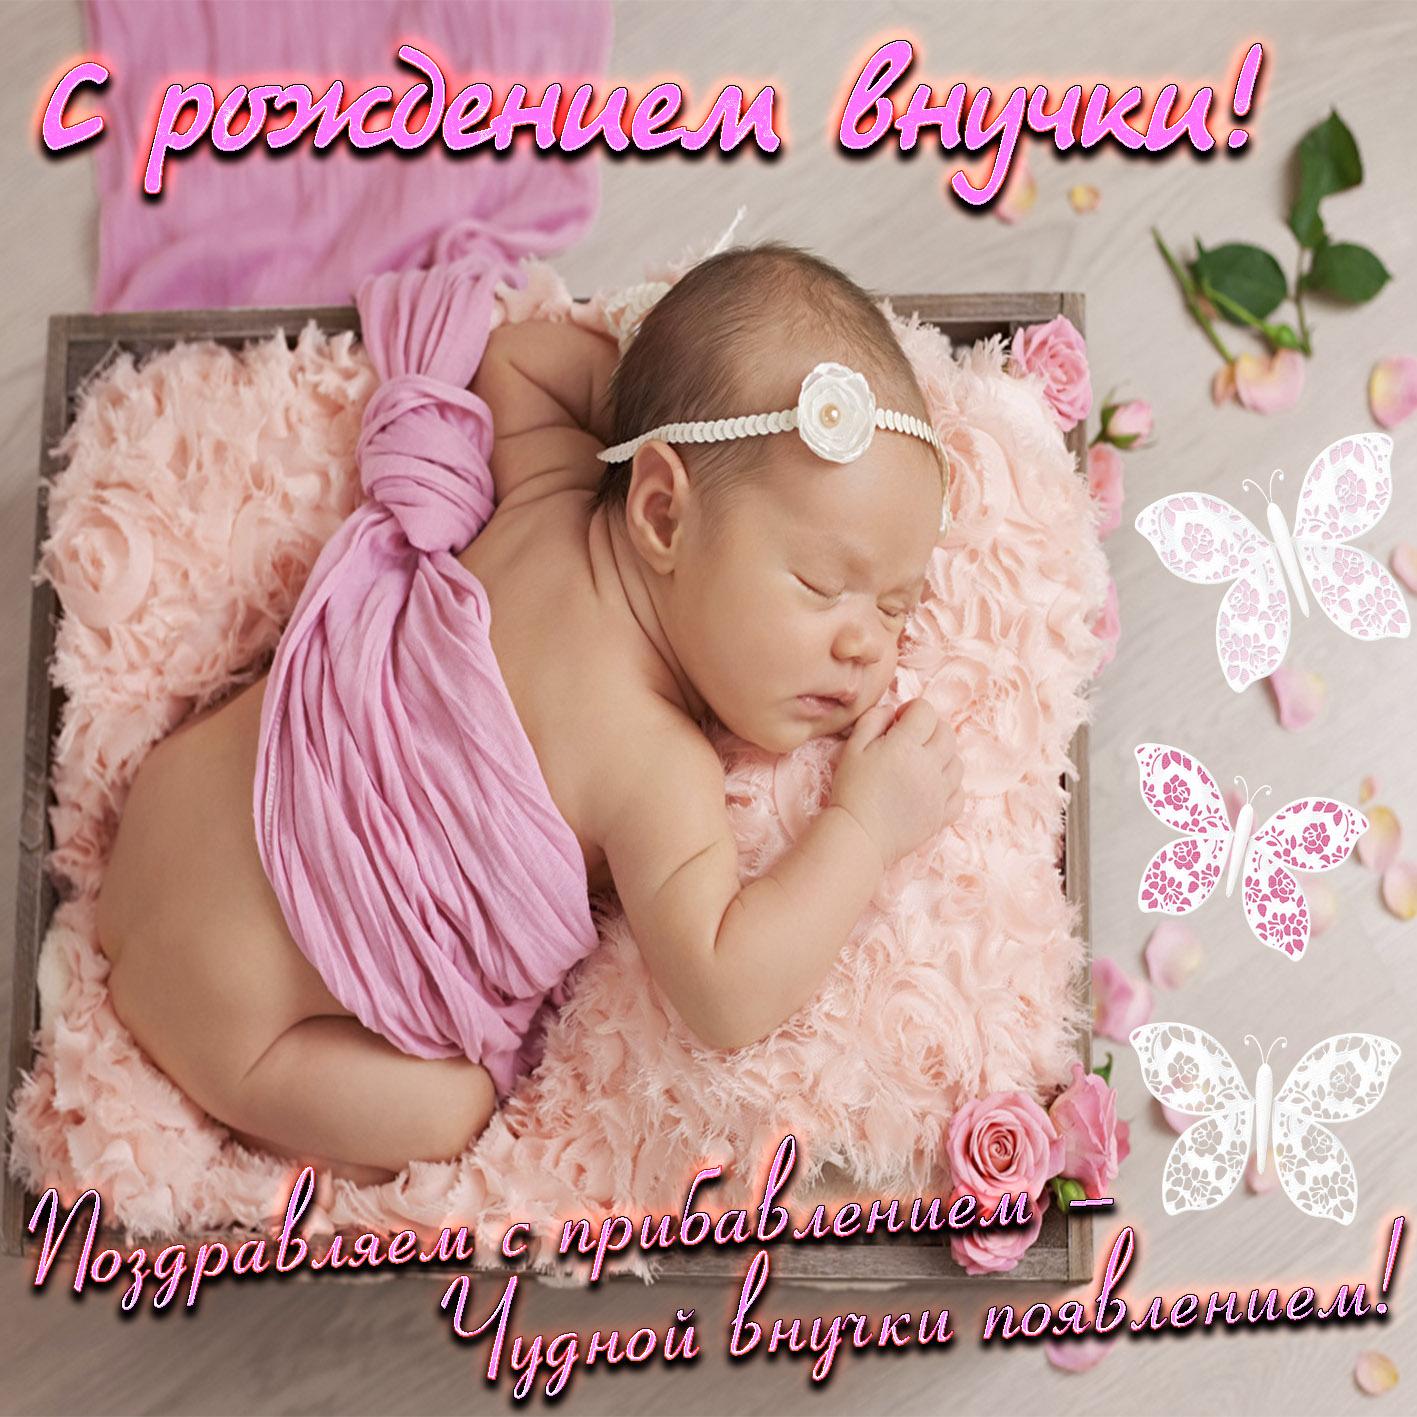 время с рождением внучки поздравления короткие отметить, что сусс